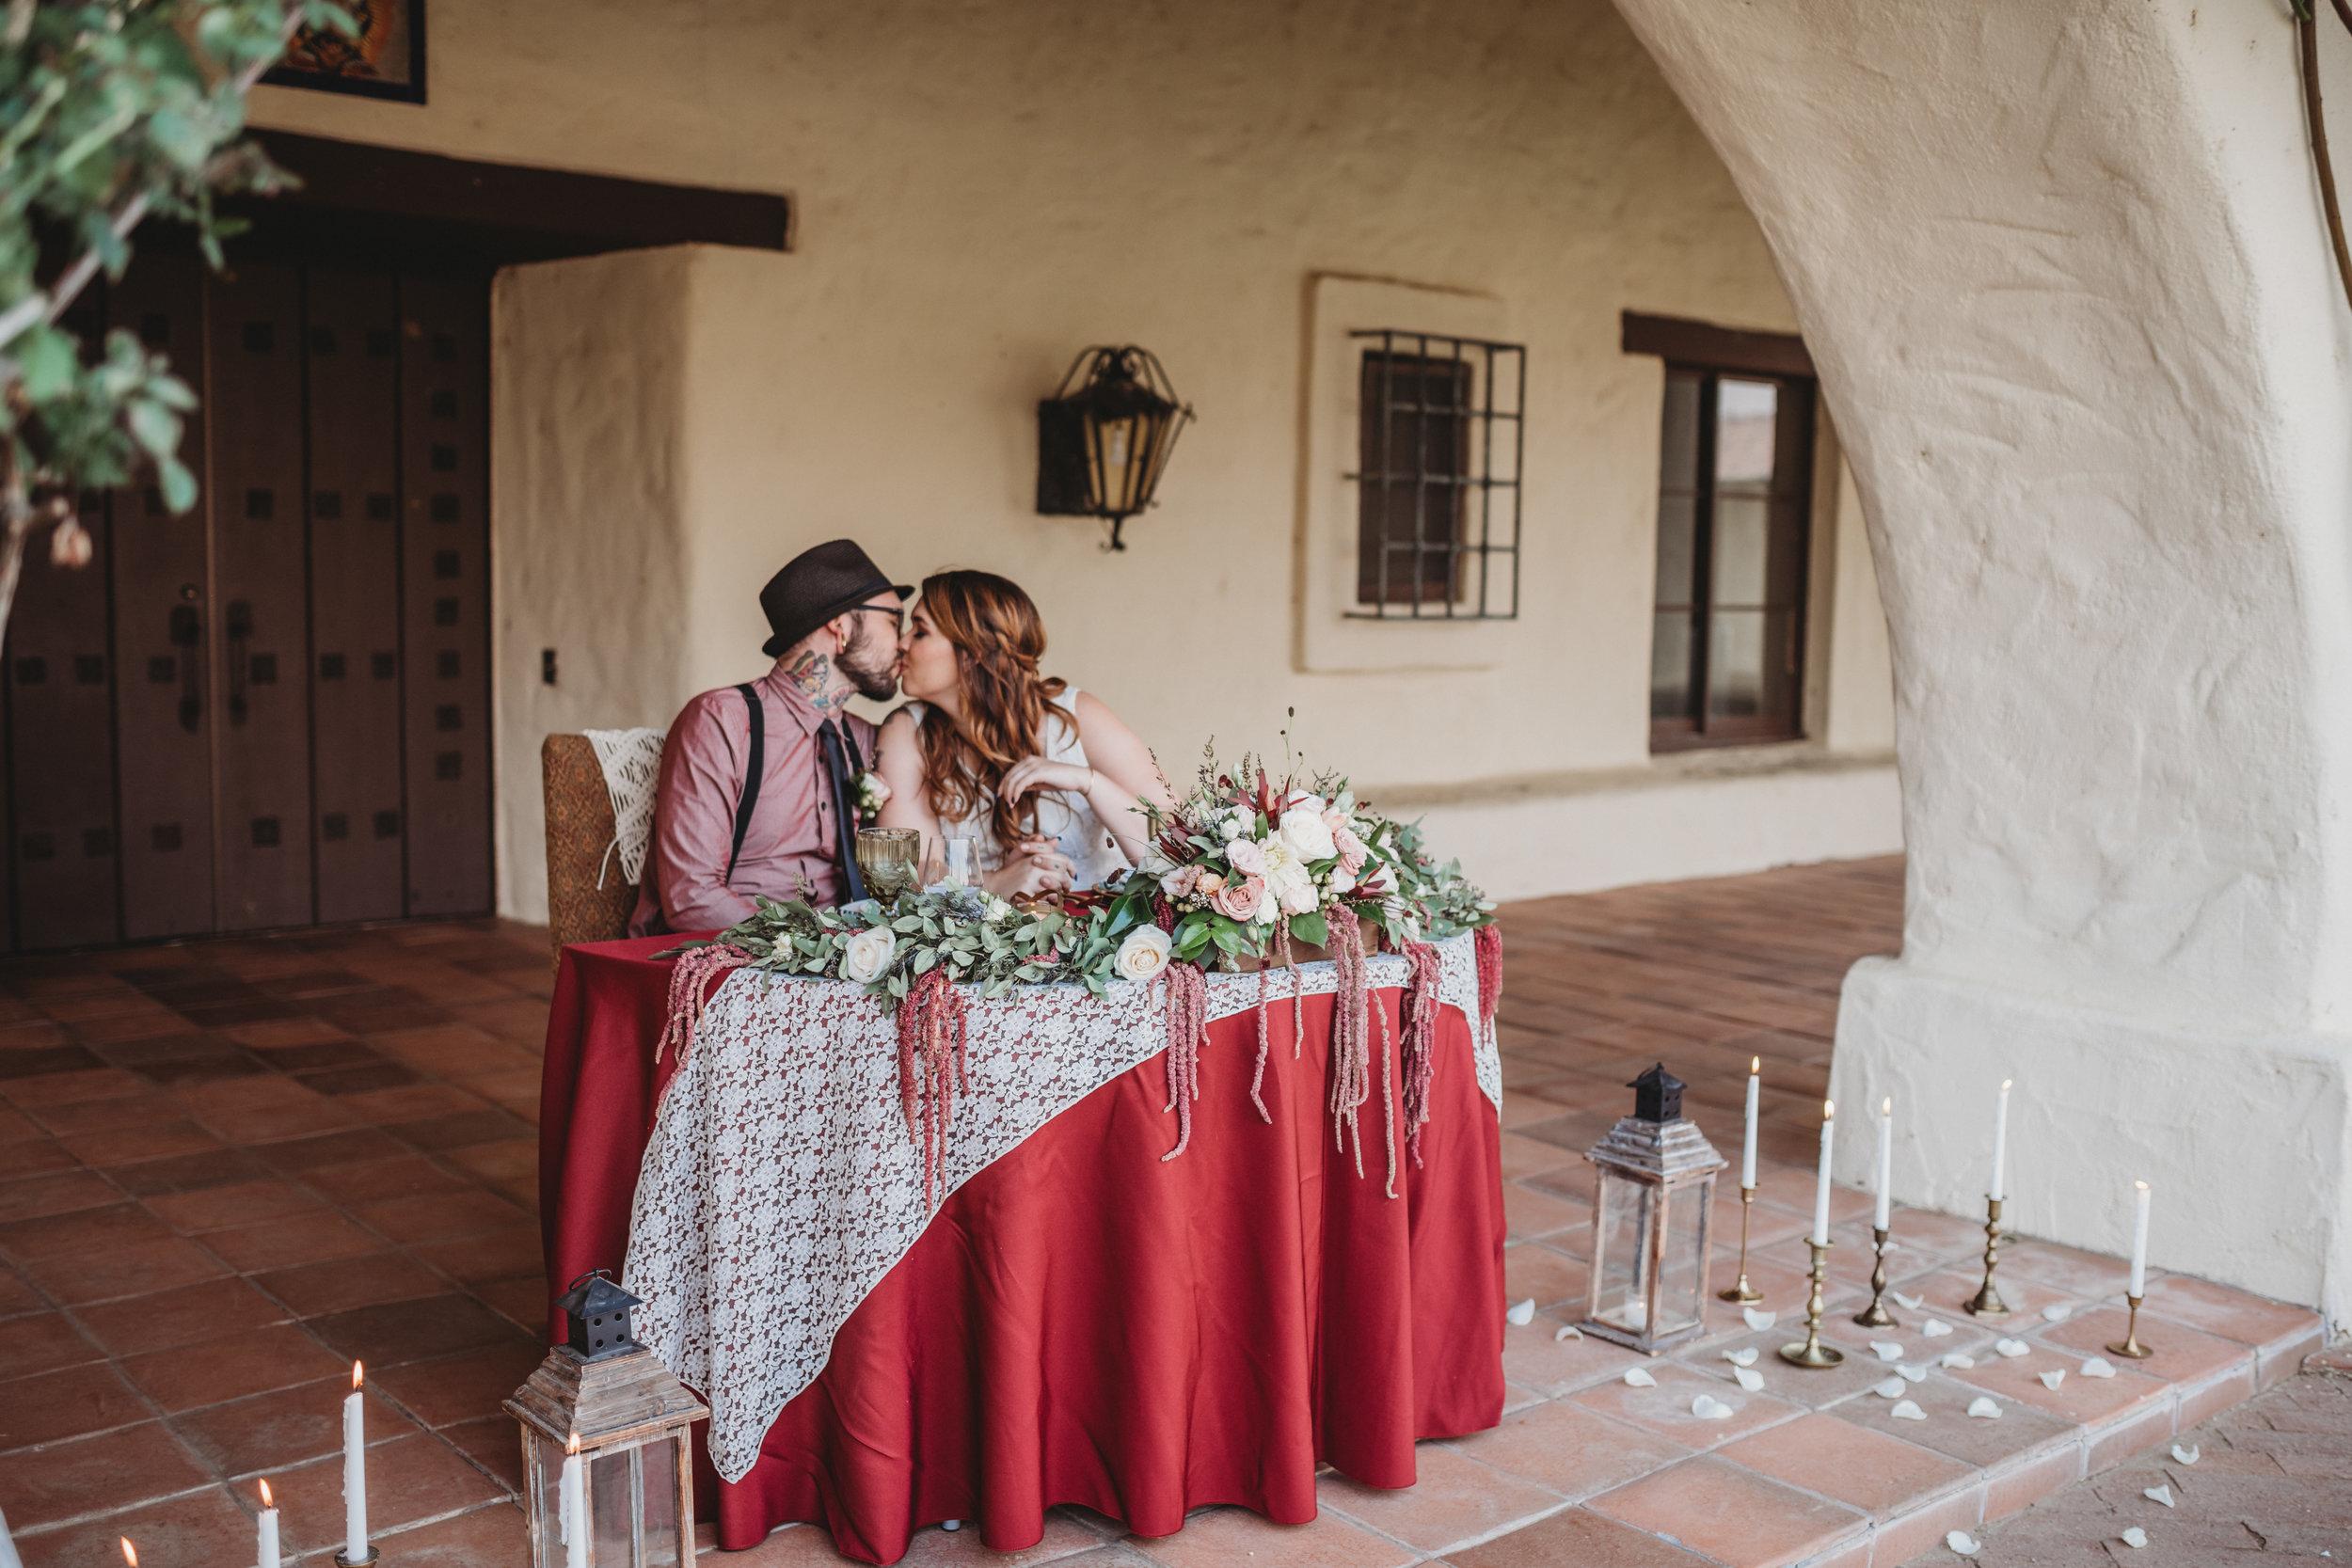 Dearest & Darling Styled Shoot - Bride & Groom Sweatheart Table.jpg